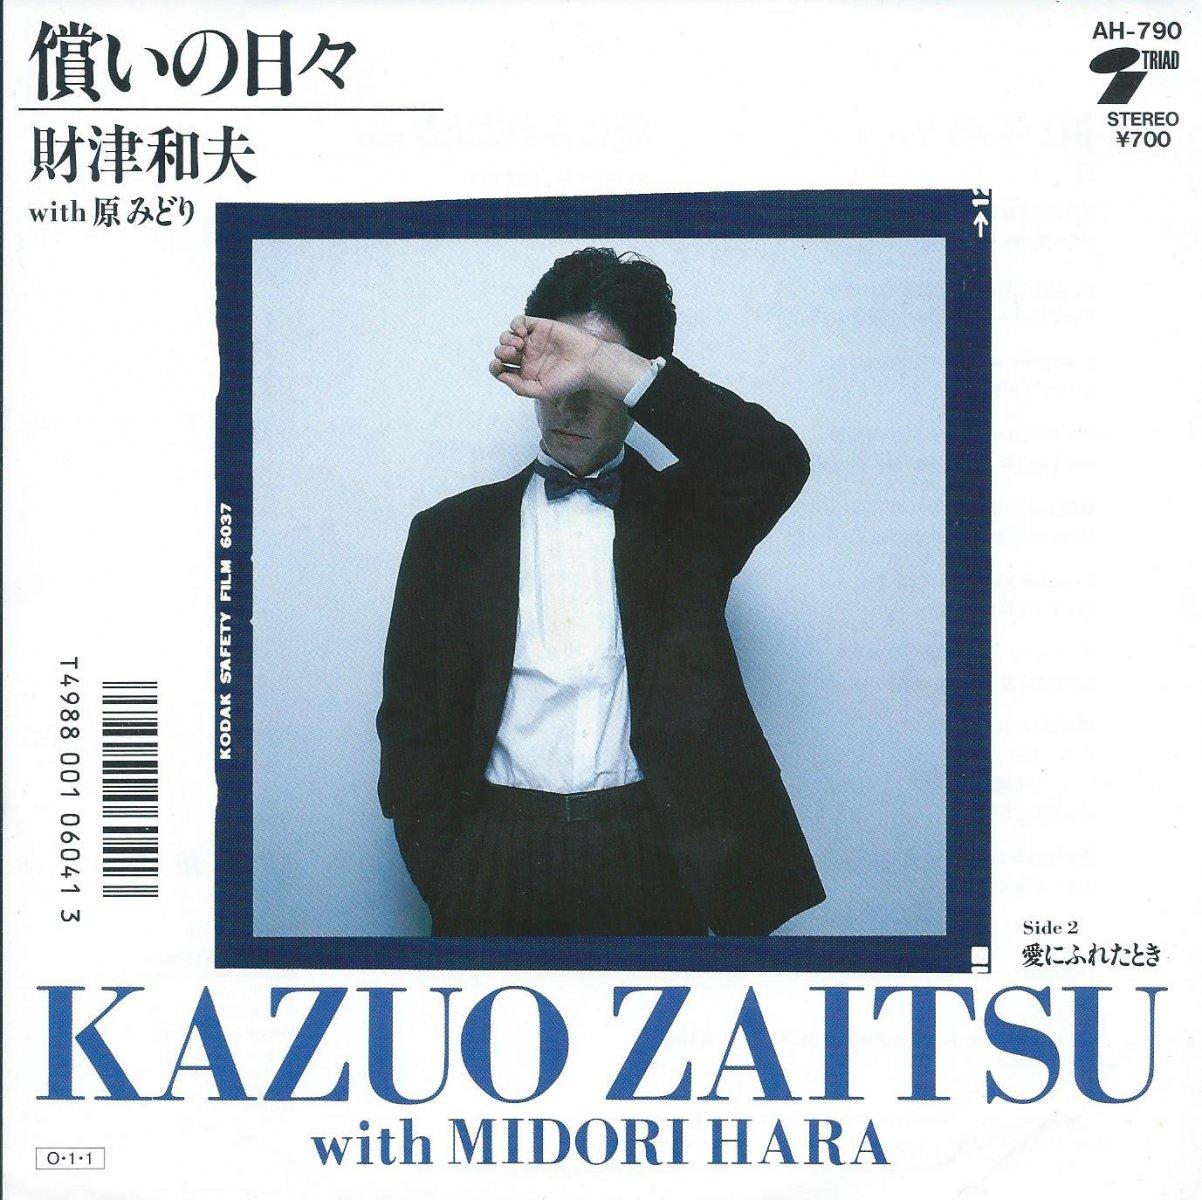 財津和夫 WITH 原みどり KAZUO ZAITSU WITH MIDORI HARA / 償いの日々 / 愛にふれたとき (7